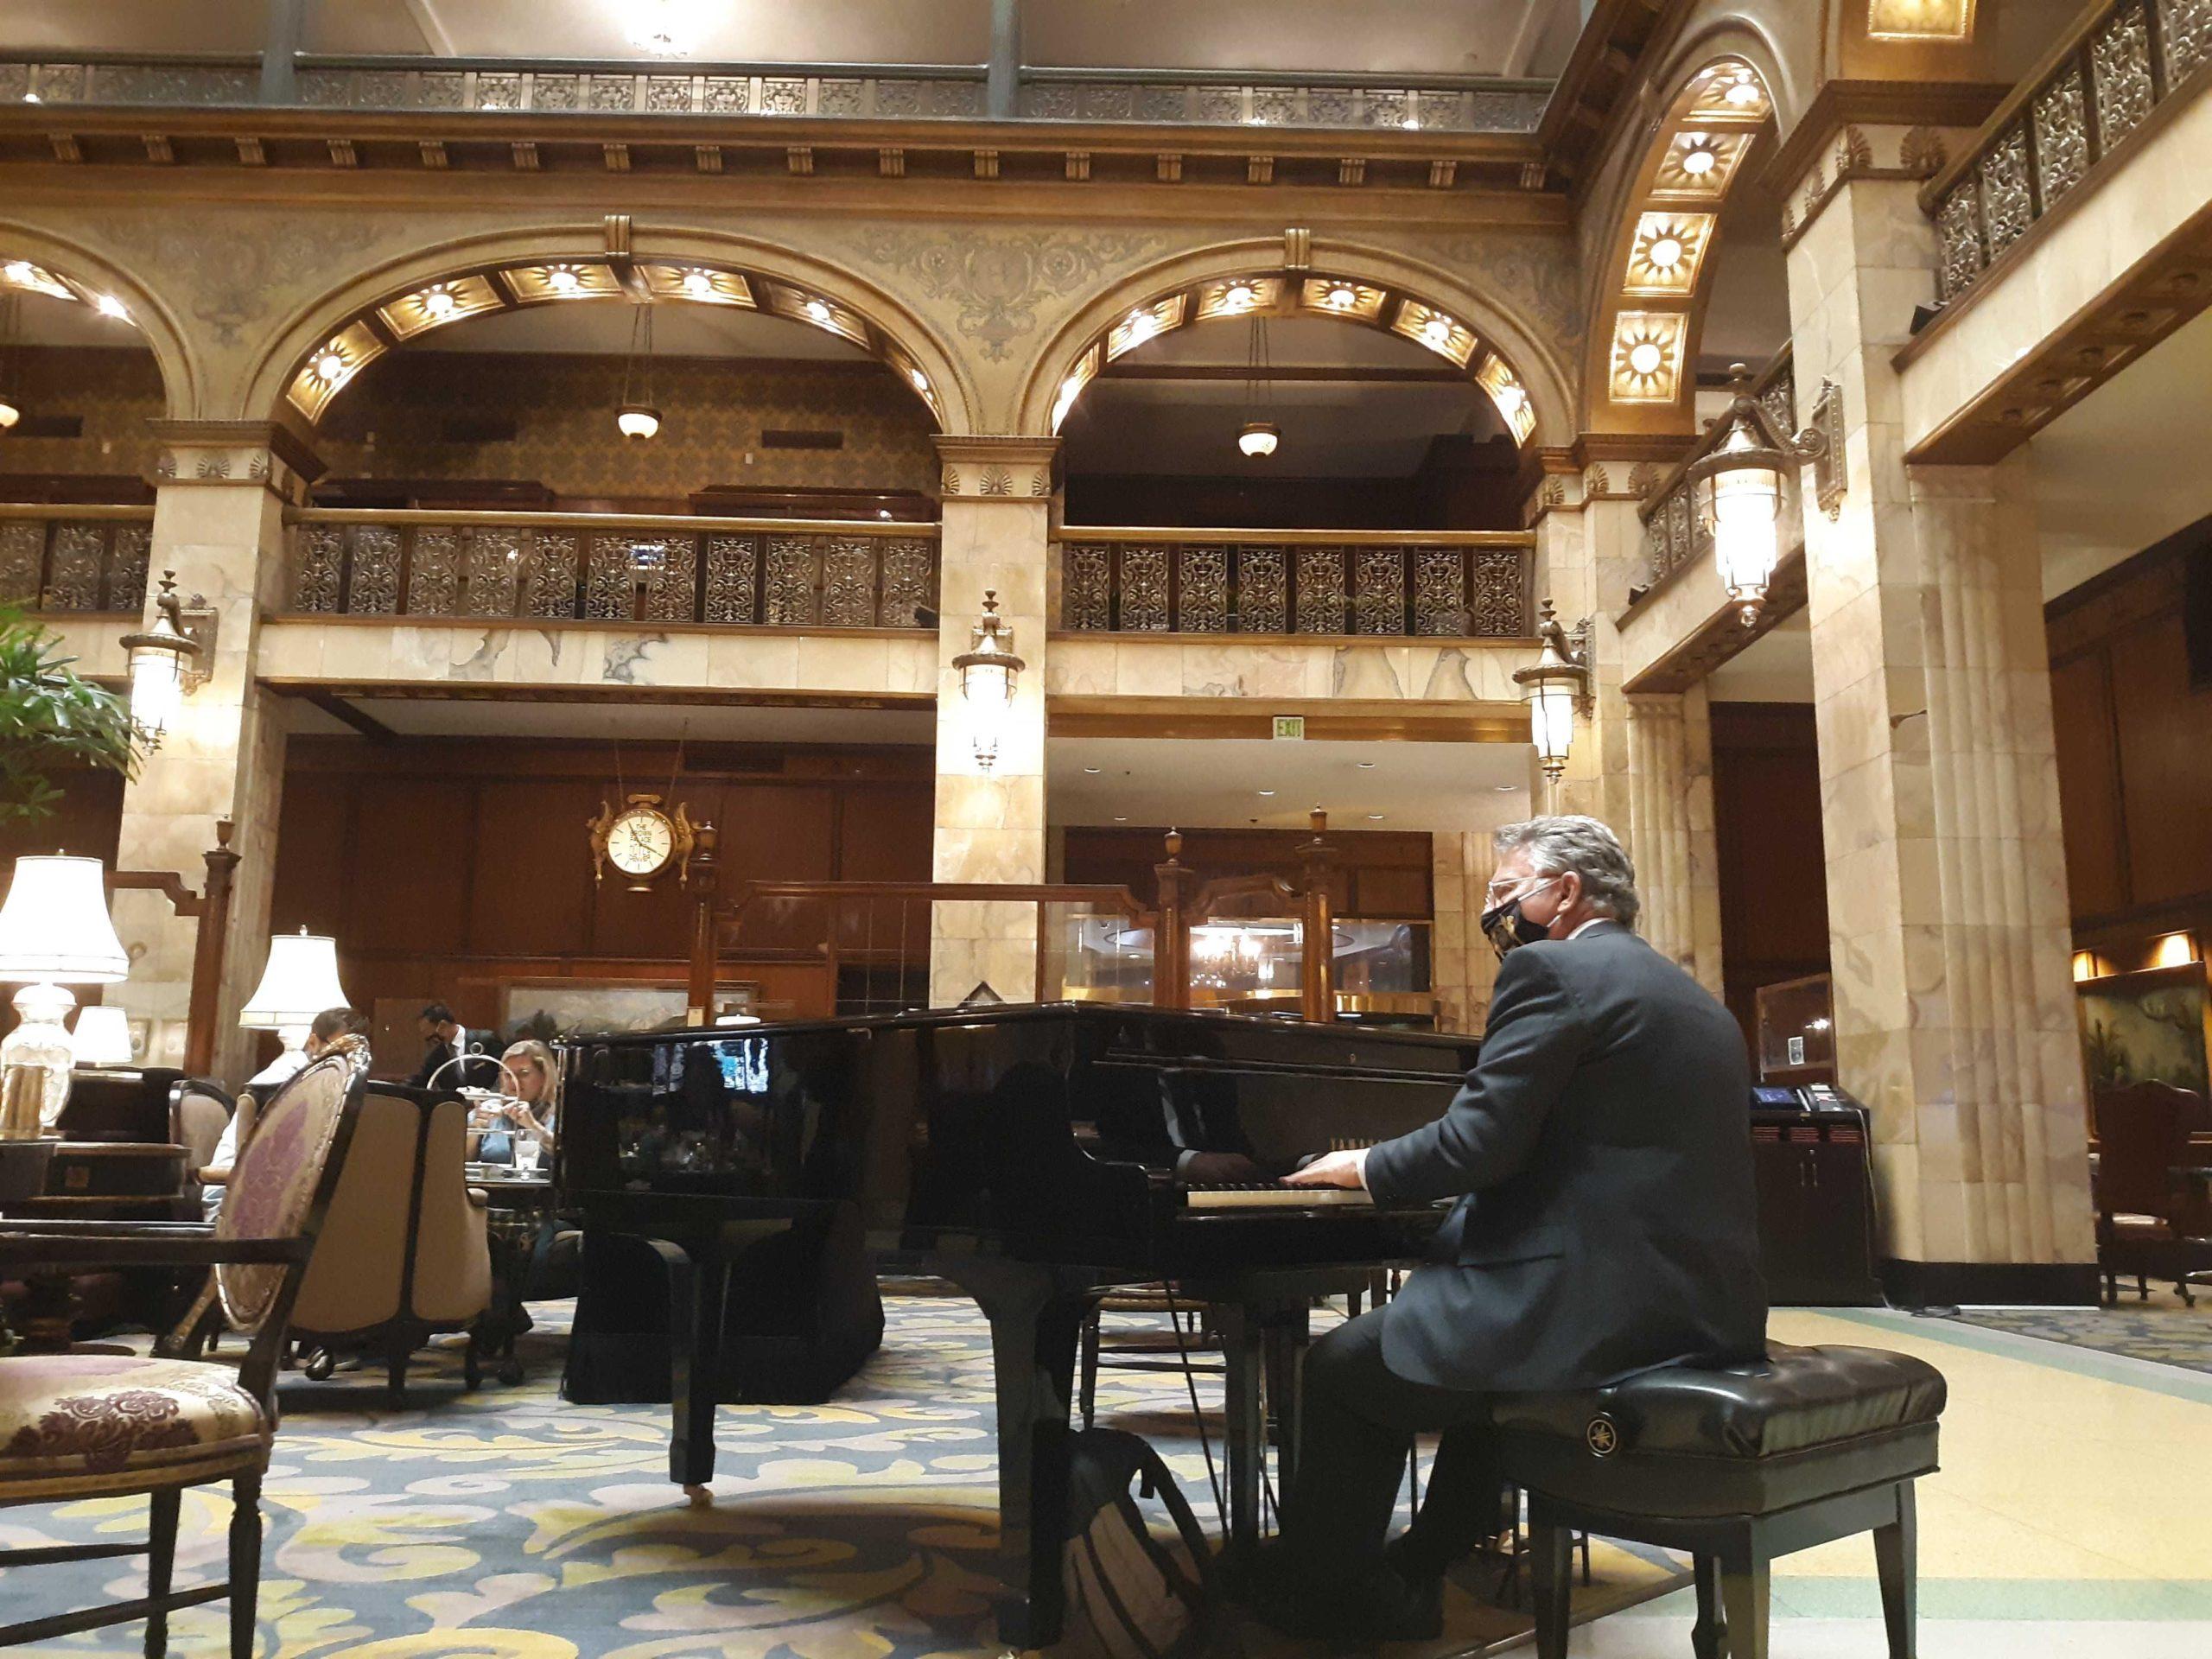 John Kite Brown Palace Piano Player